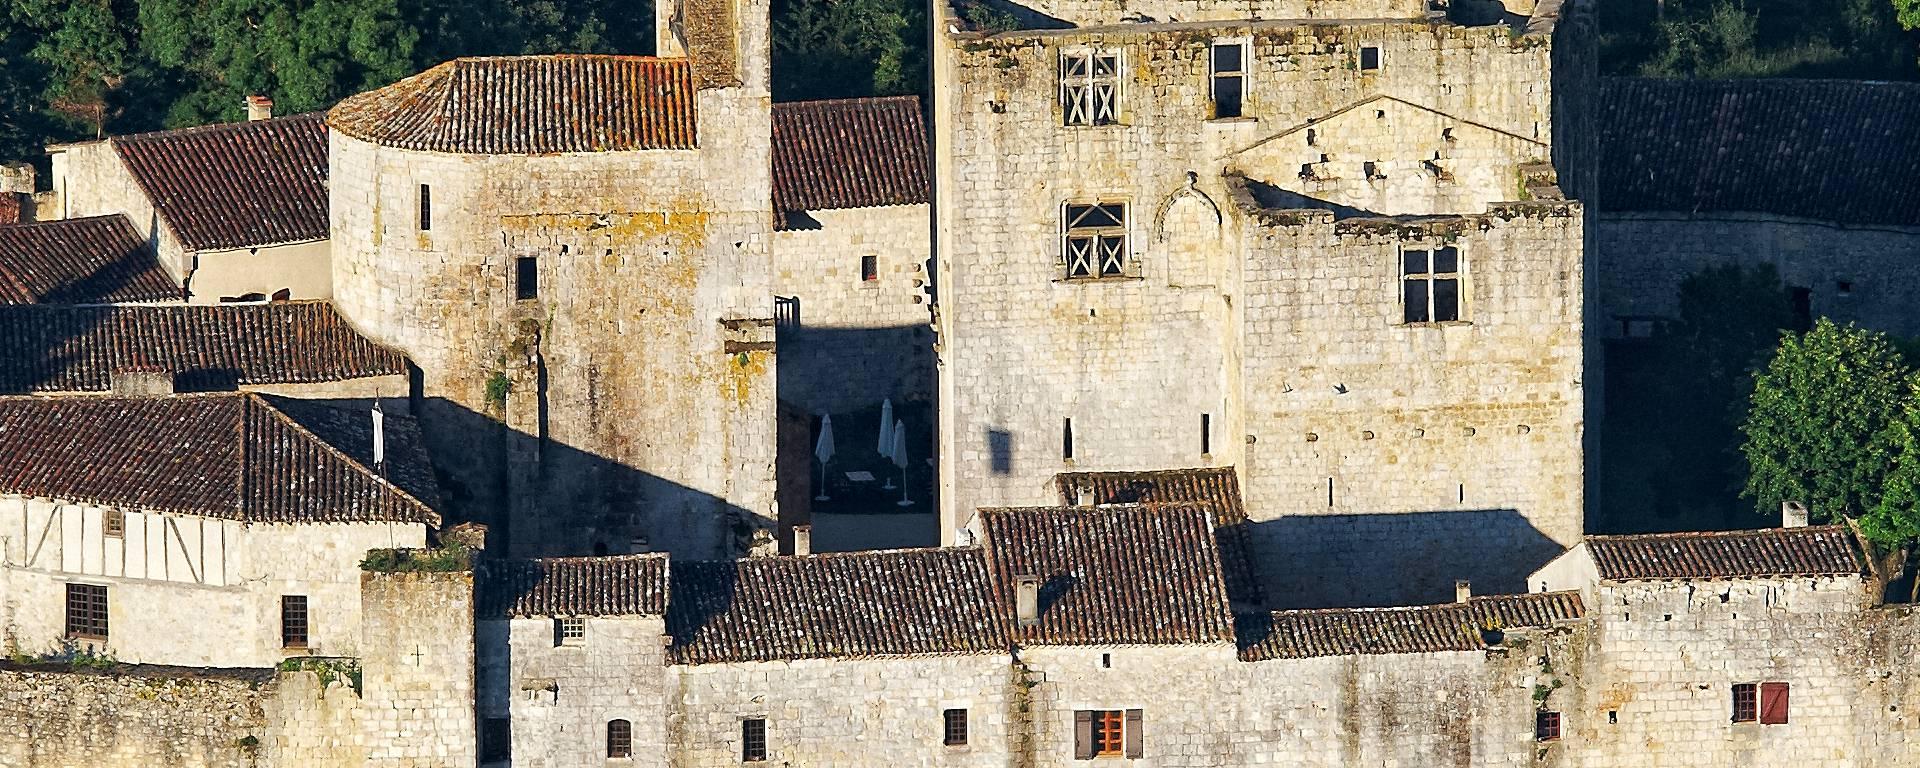 Le village fortifié de Larressingle